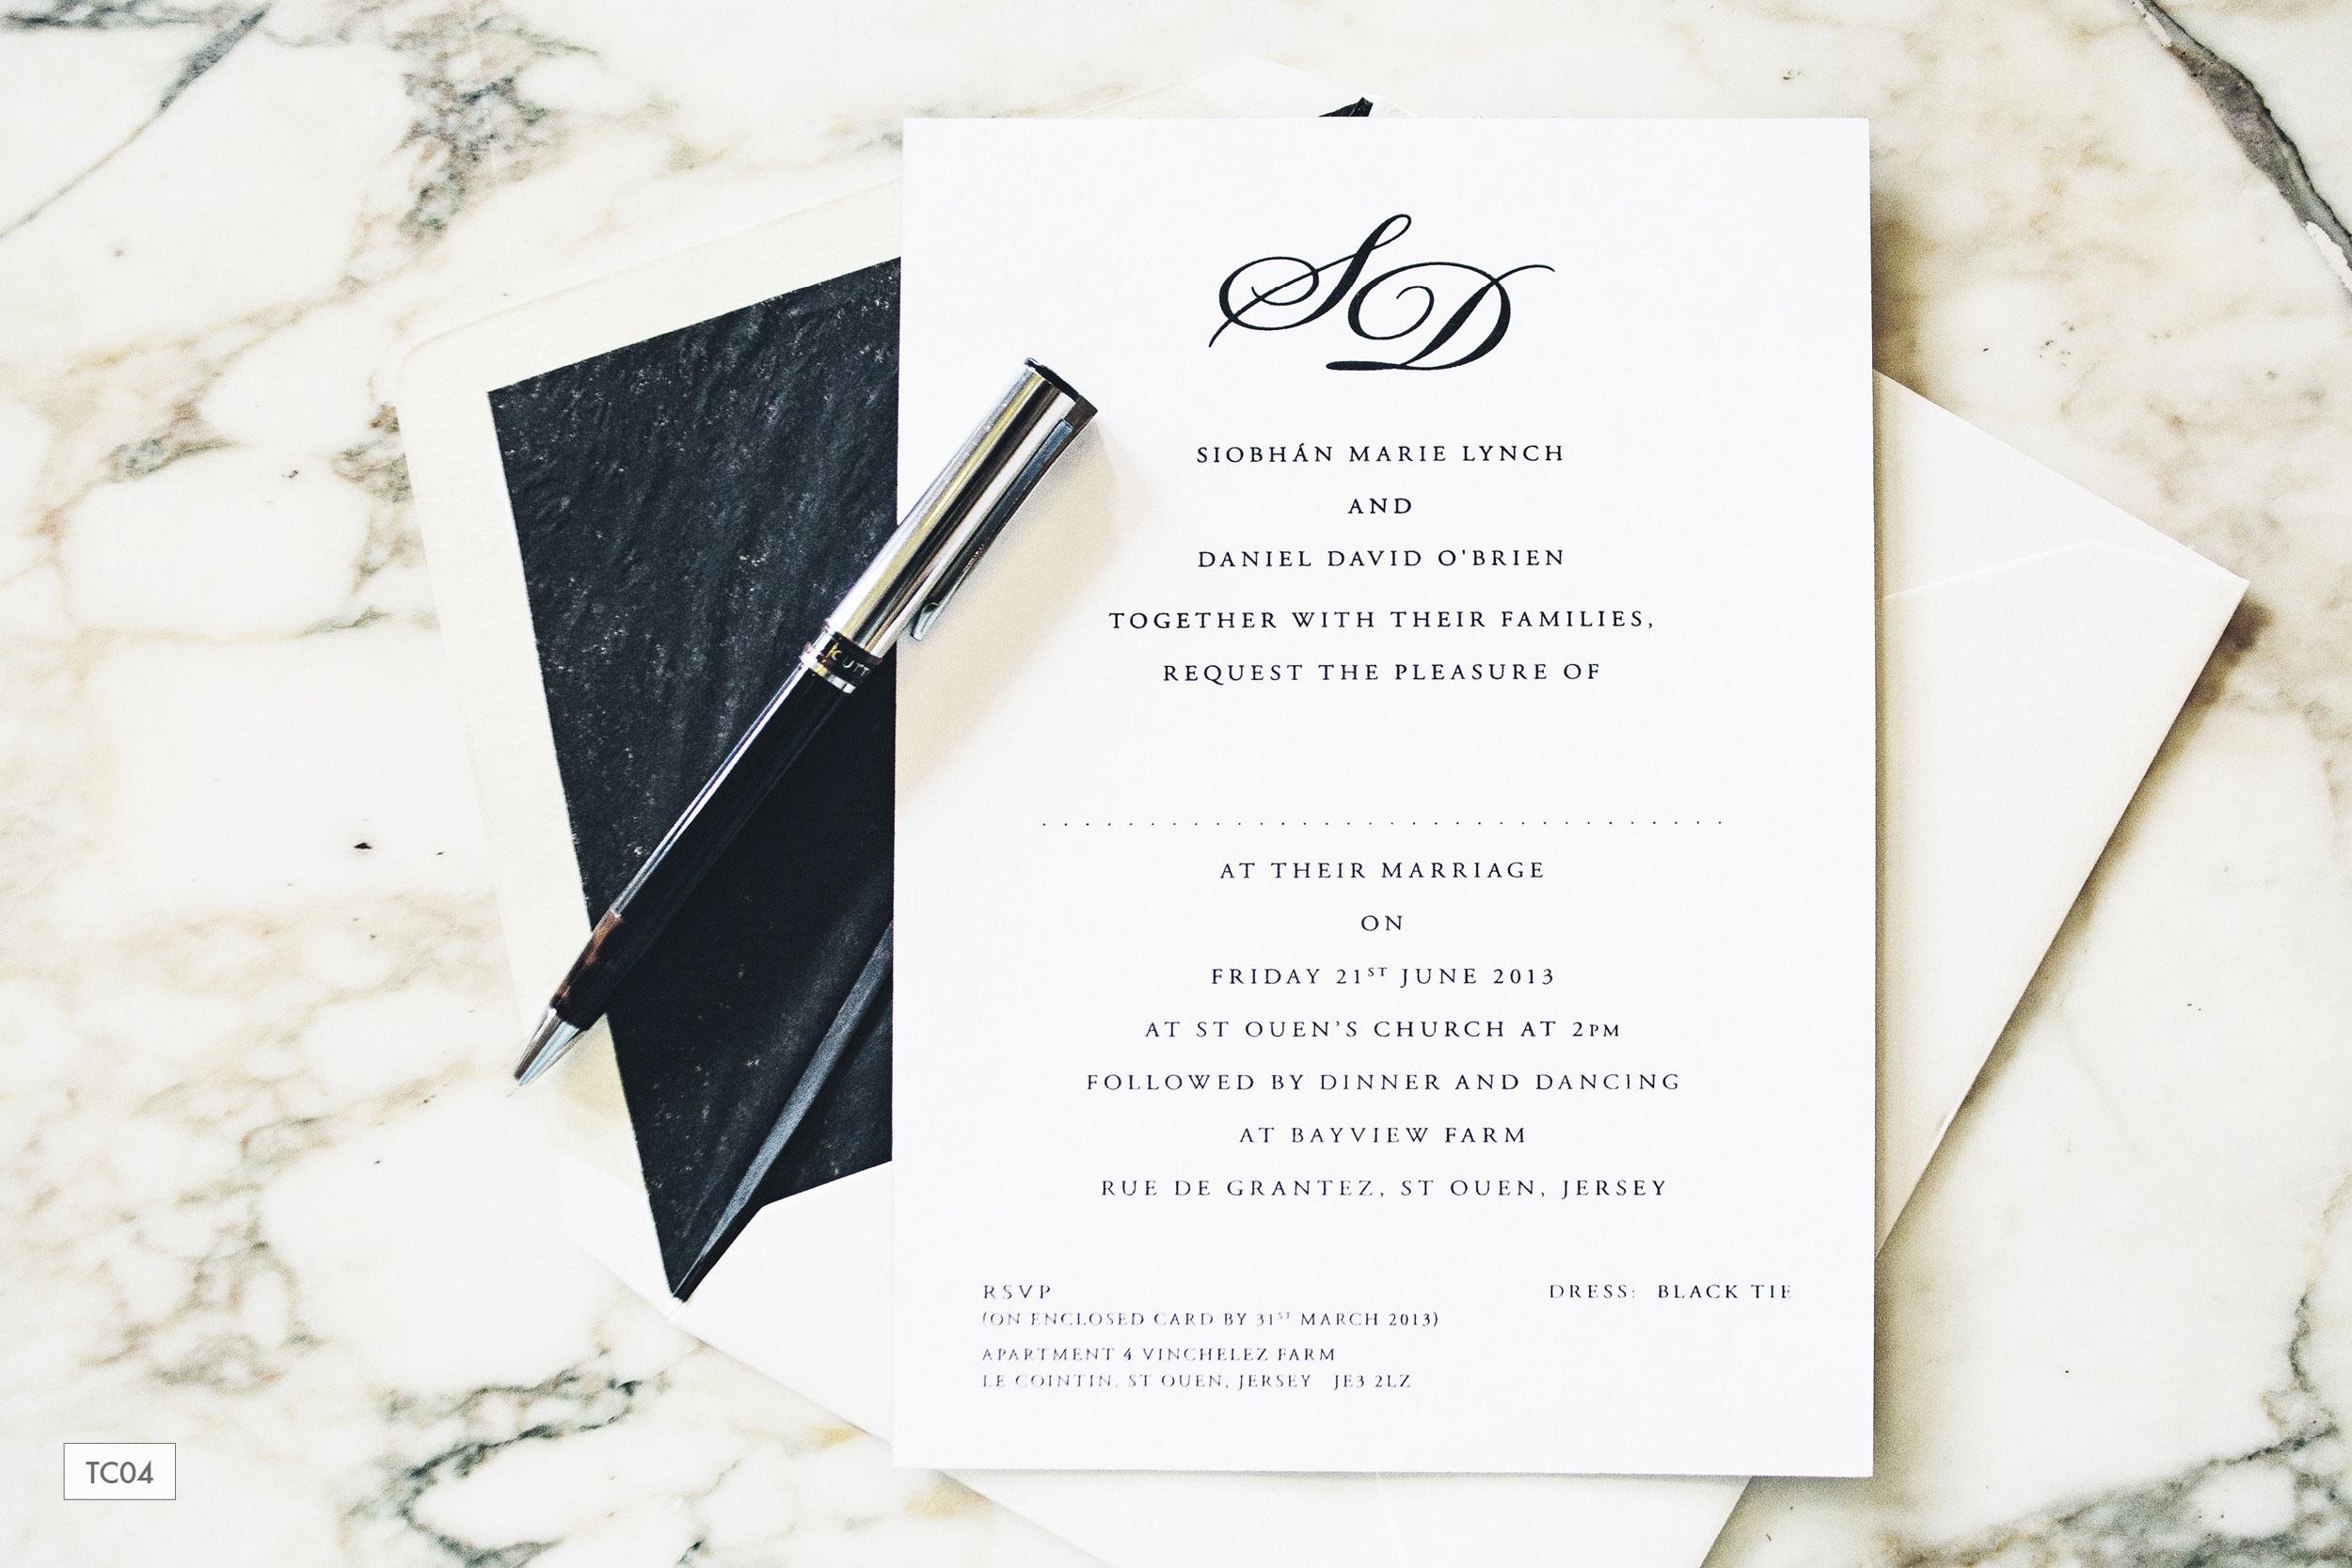 ananya-wedding-stationery-timeless-classics12.jpg